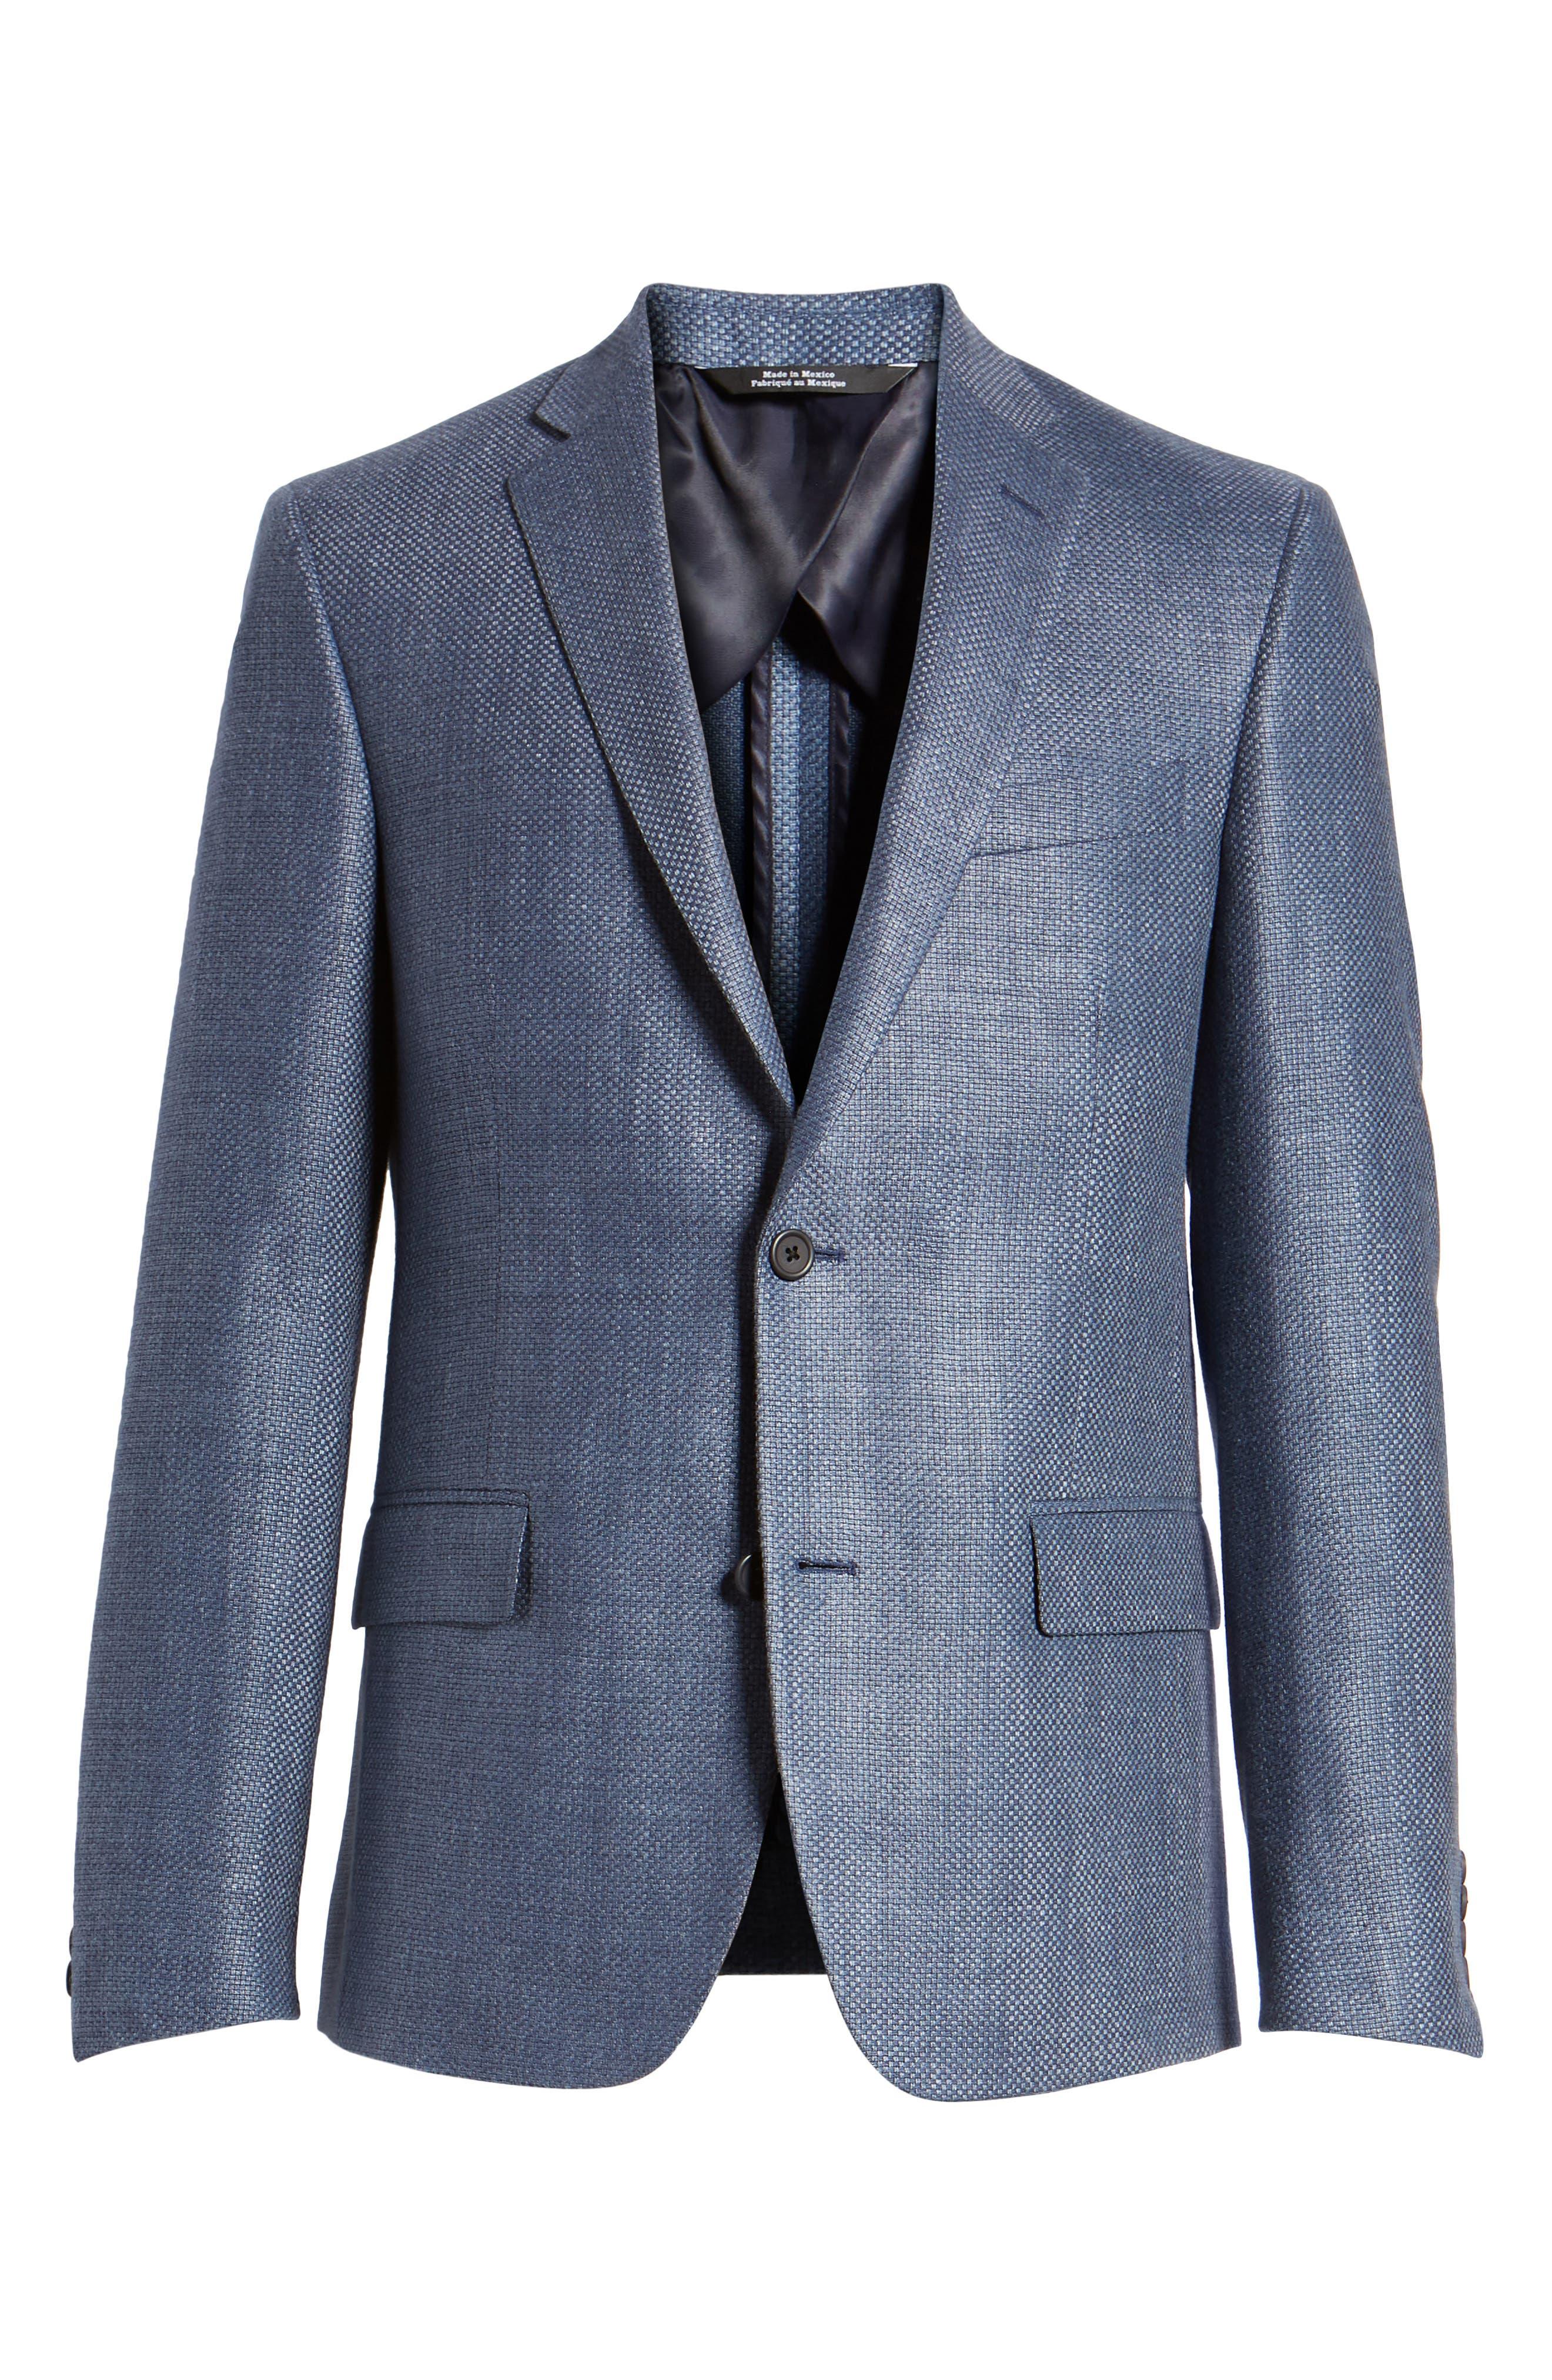 Trim Fit Wool & Linen Blazer,                             Alternate thumbnail 6, color,                             Blue